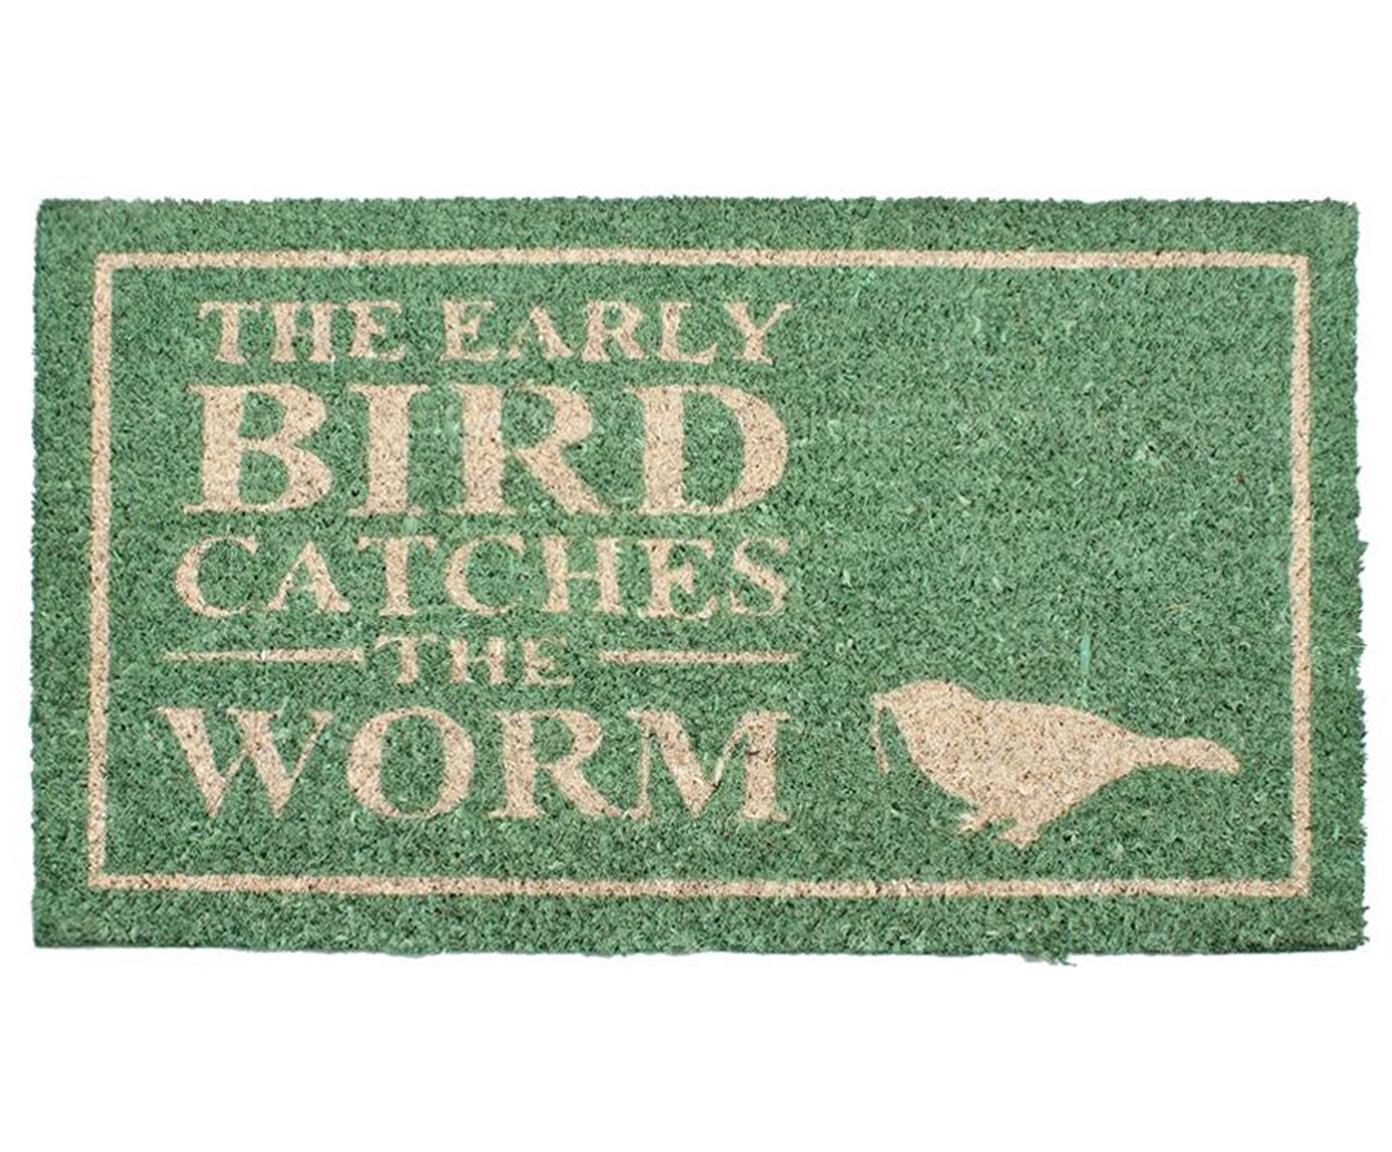 Wycieraczka Early Bird, Szałwiowy zielony, beżowy, S 40 x D 70 cm